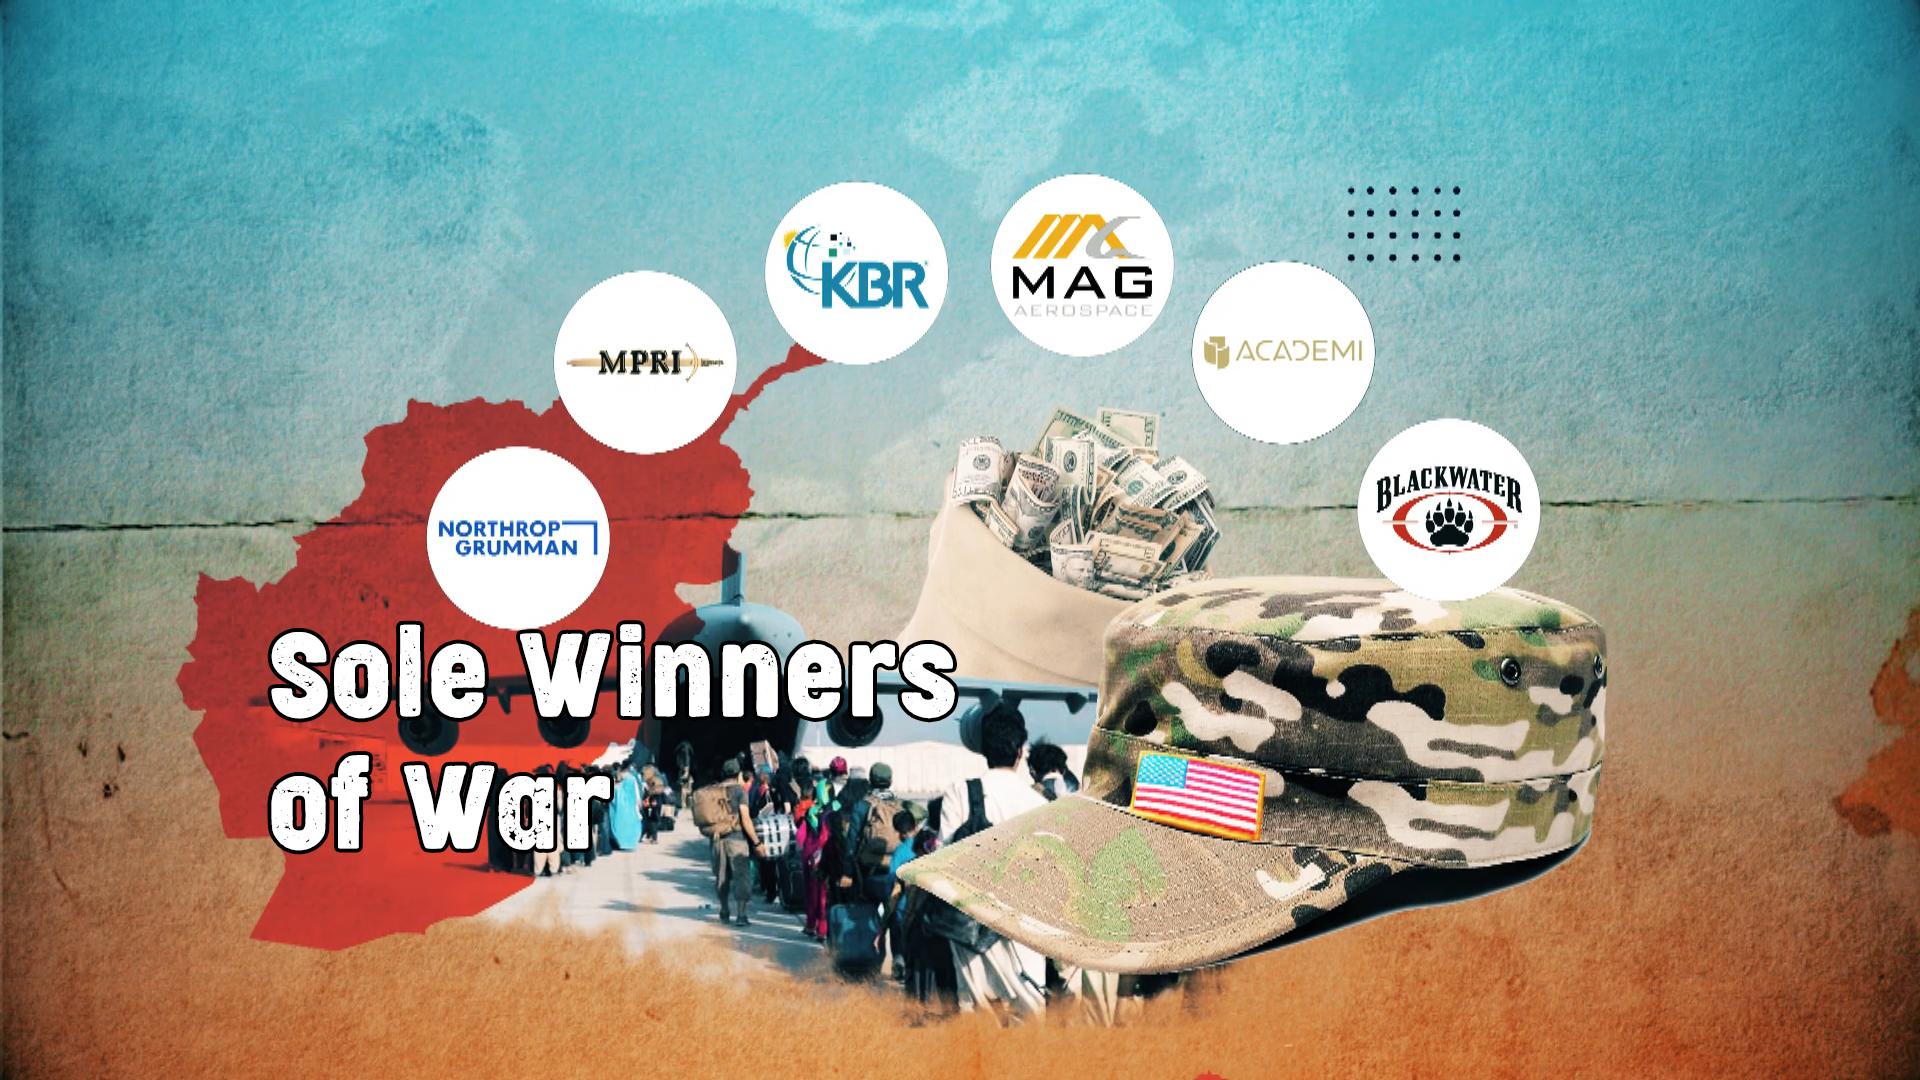 Sole winners of war